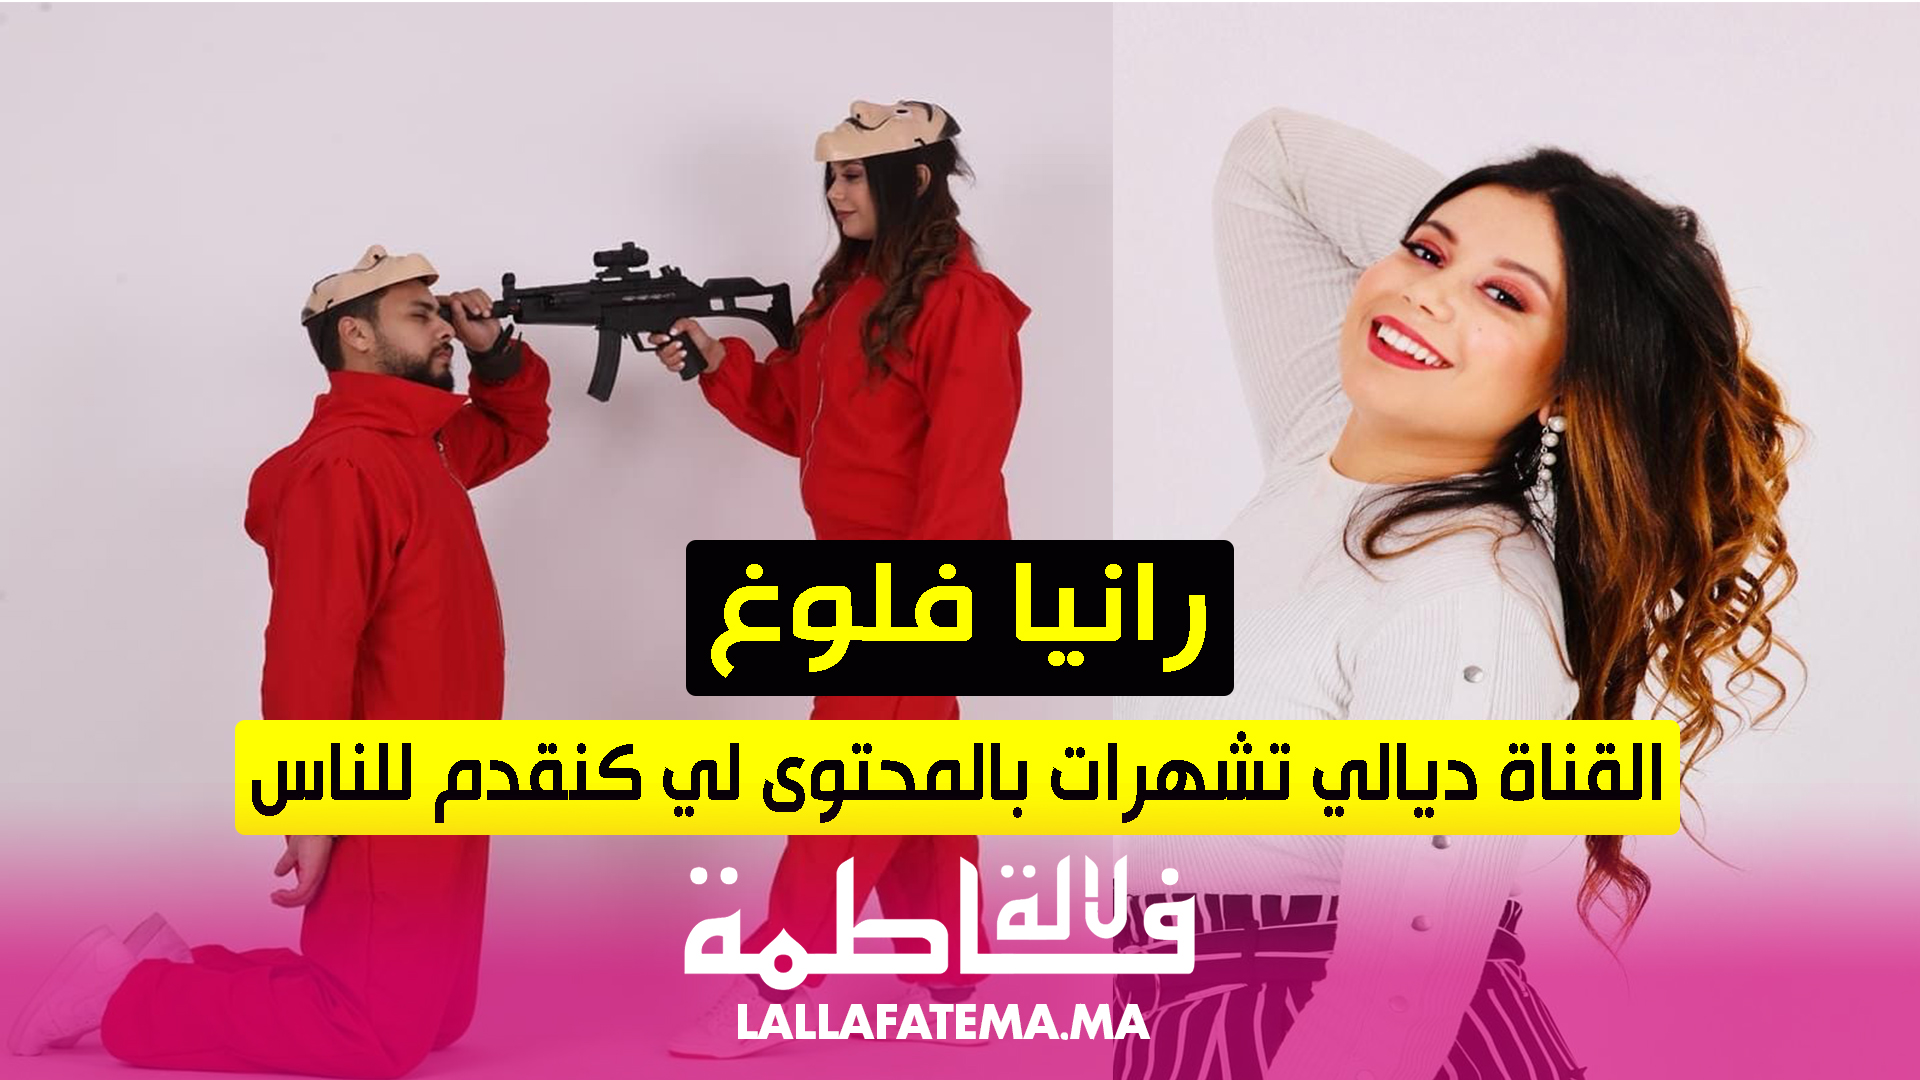 في أول خروج إعلامي رانيا ڤلوغ تعلق على المشاكل العائلية.. المنافسة بين صالون الحاج وأسماء بيوتي